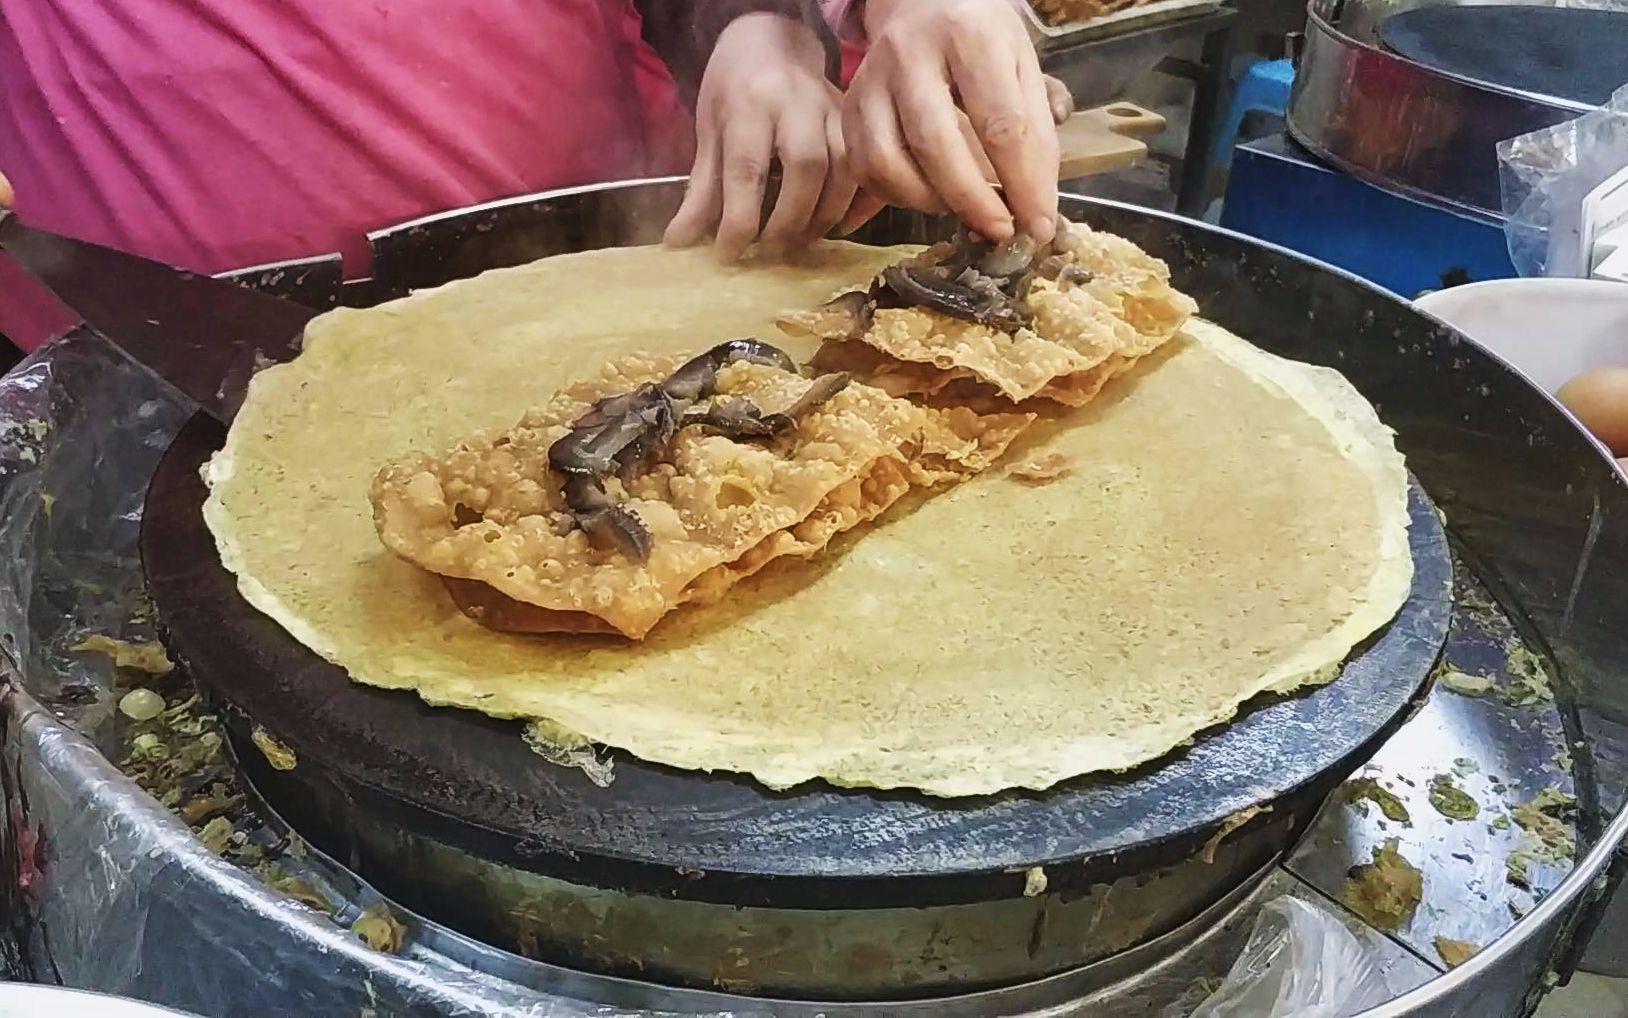 这就是天津最贵的煎饼果子, 78元一套土豪煎饼, 真的有点吃不起啊